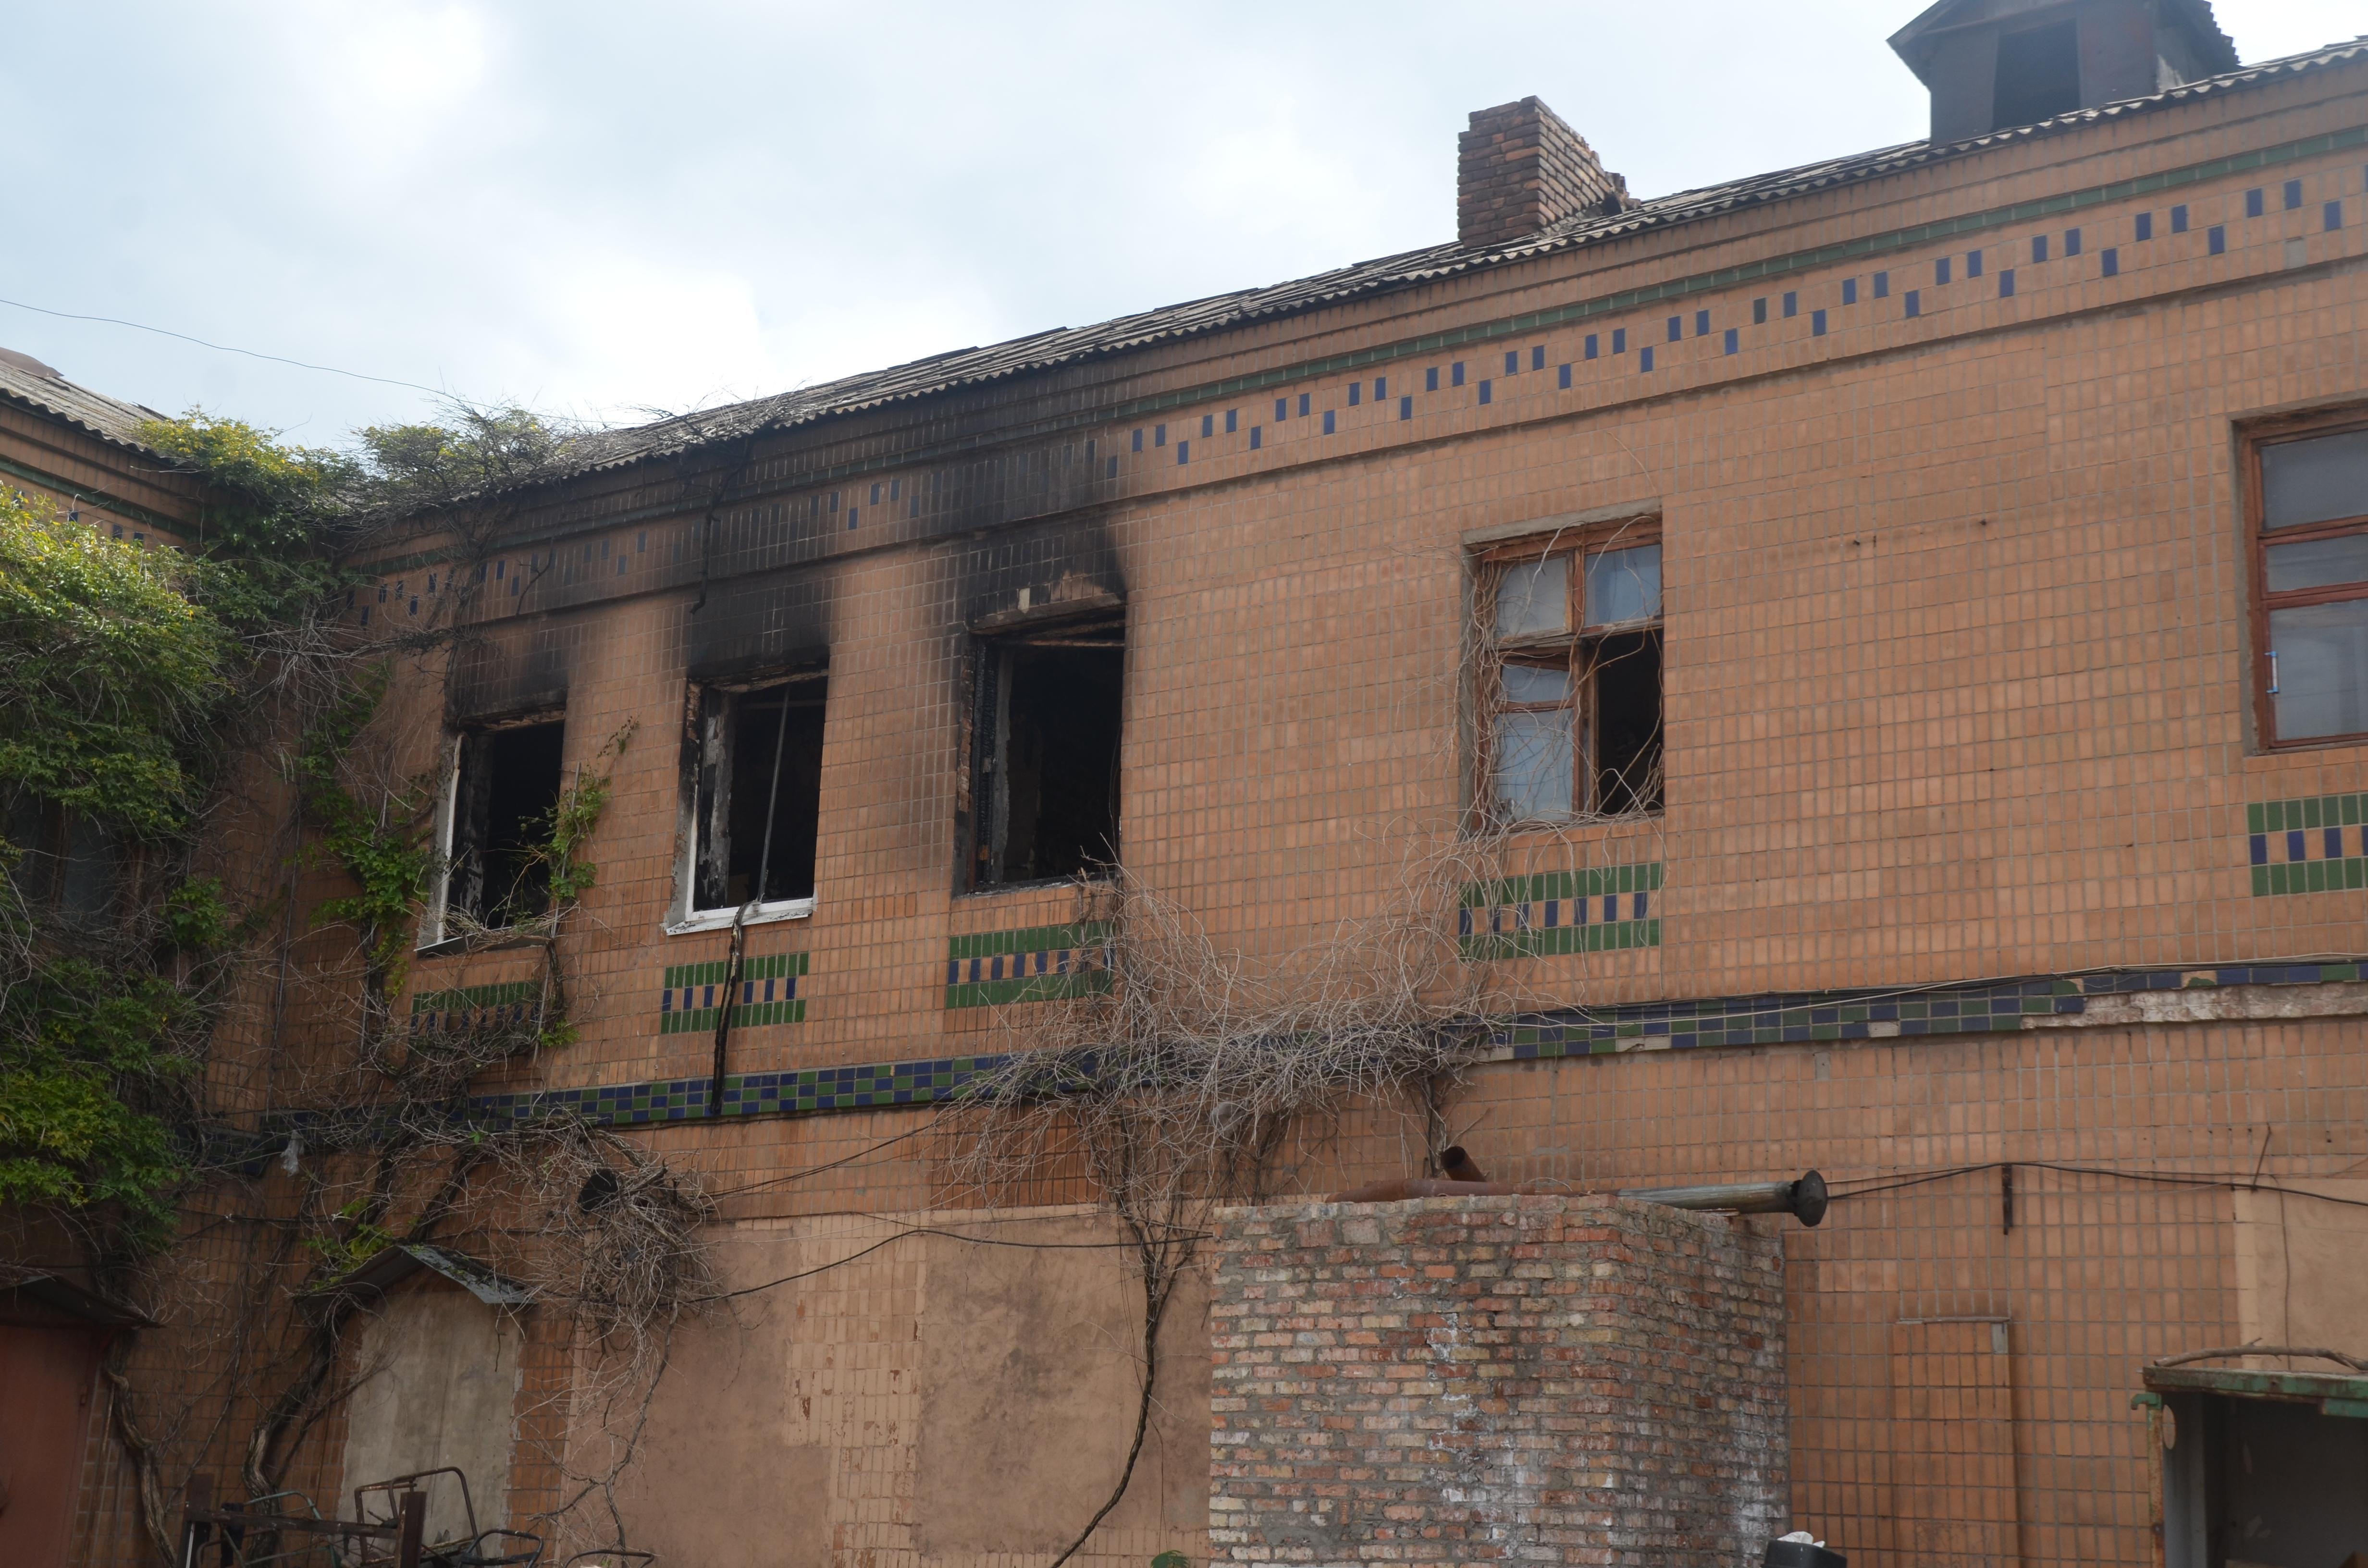 Спасатели опубликовали видео с места пожара в хостеле в Запорожье - ВИДЕО